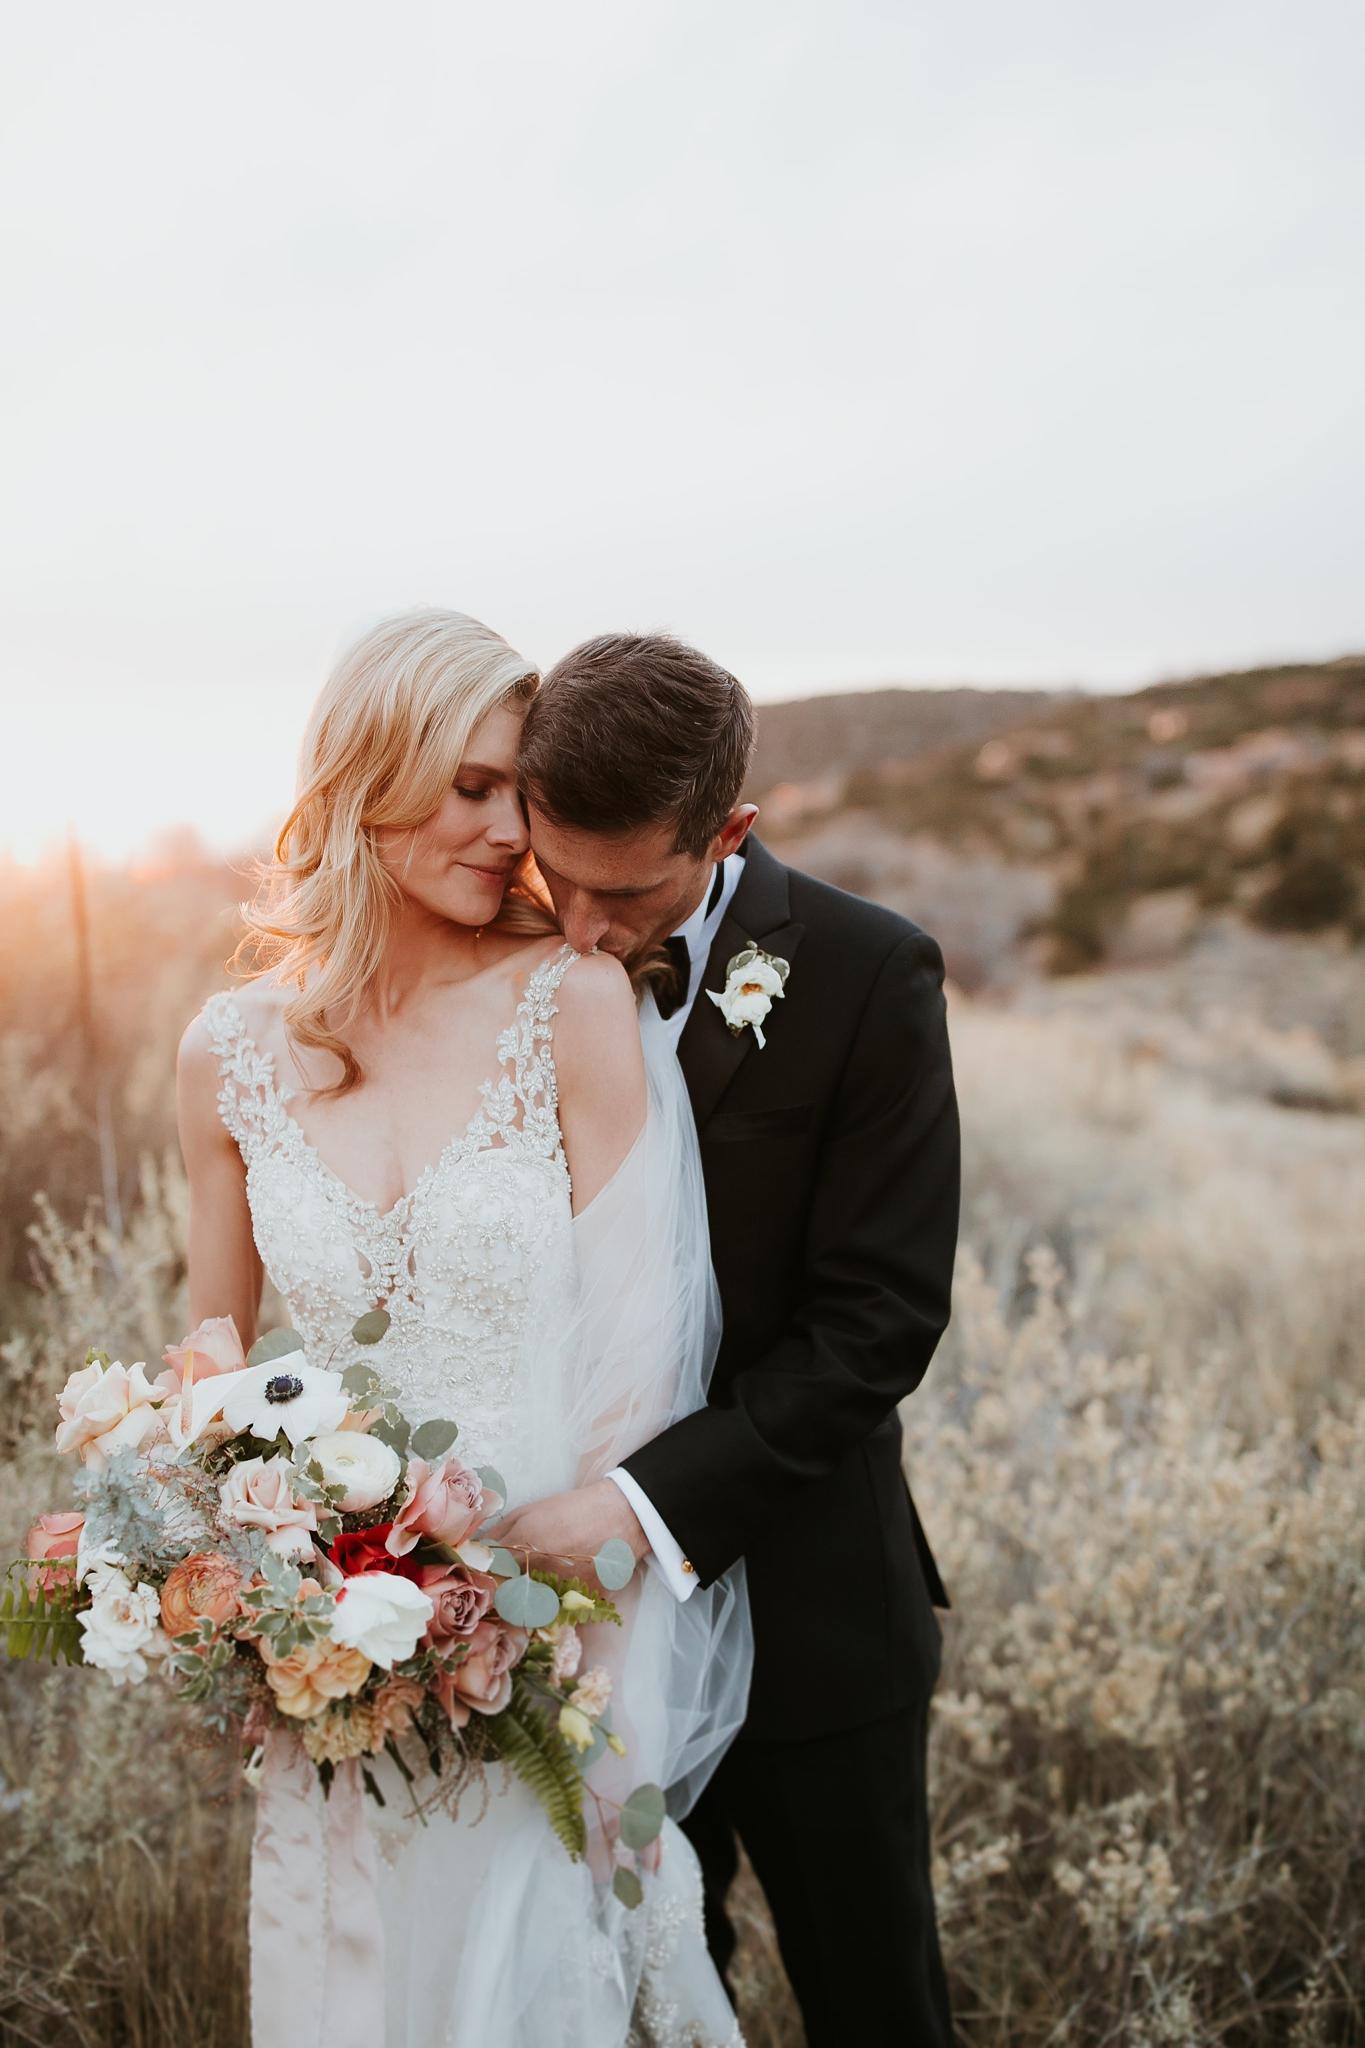 Alicia+lucia+photography+-+albuquerque+wedding+photographer+-+santa+fe+wedding+photography+-+new+mexico+wedding+photographer+-+new+mexico+florist+-+wedding+florist+-+renegade+floral_0069.jpg